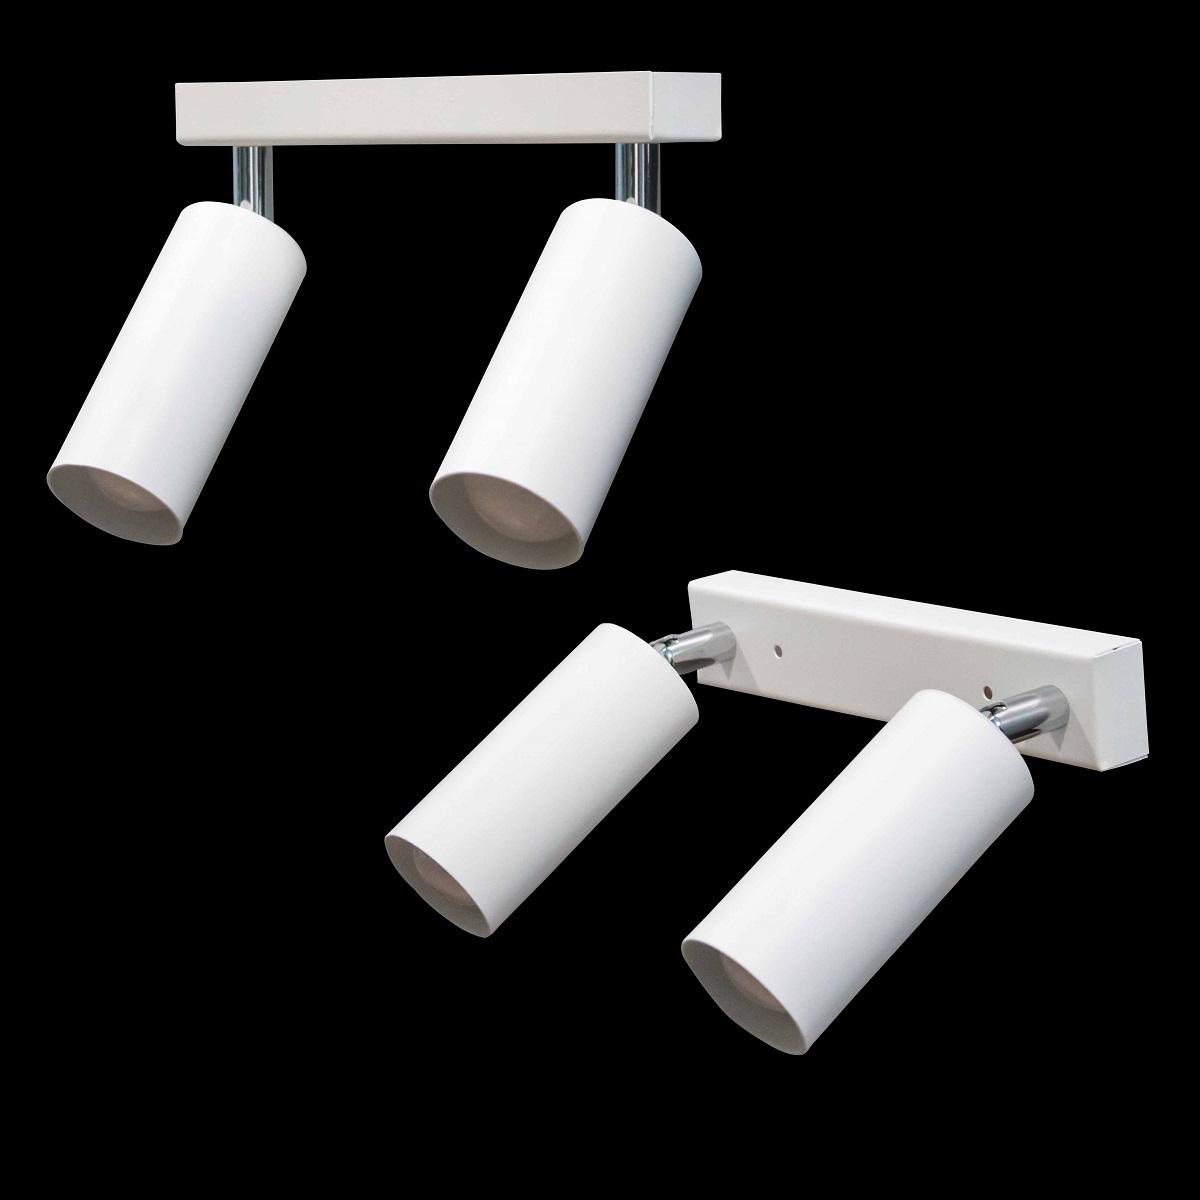 Светильники ЛОФТ - Люстра лофт потолочная с поворотным плафоном 000002768 - Фото 2